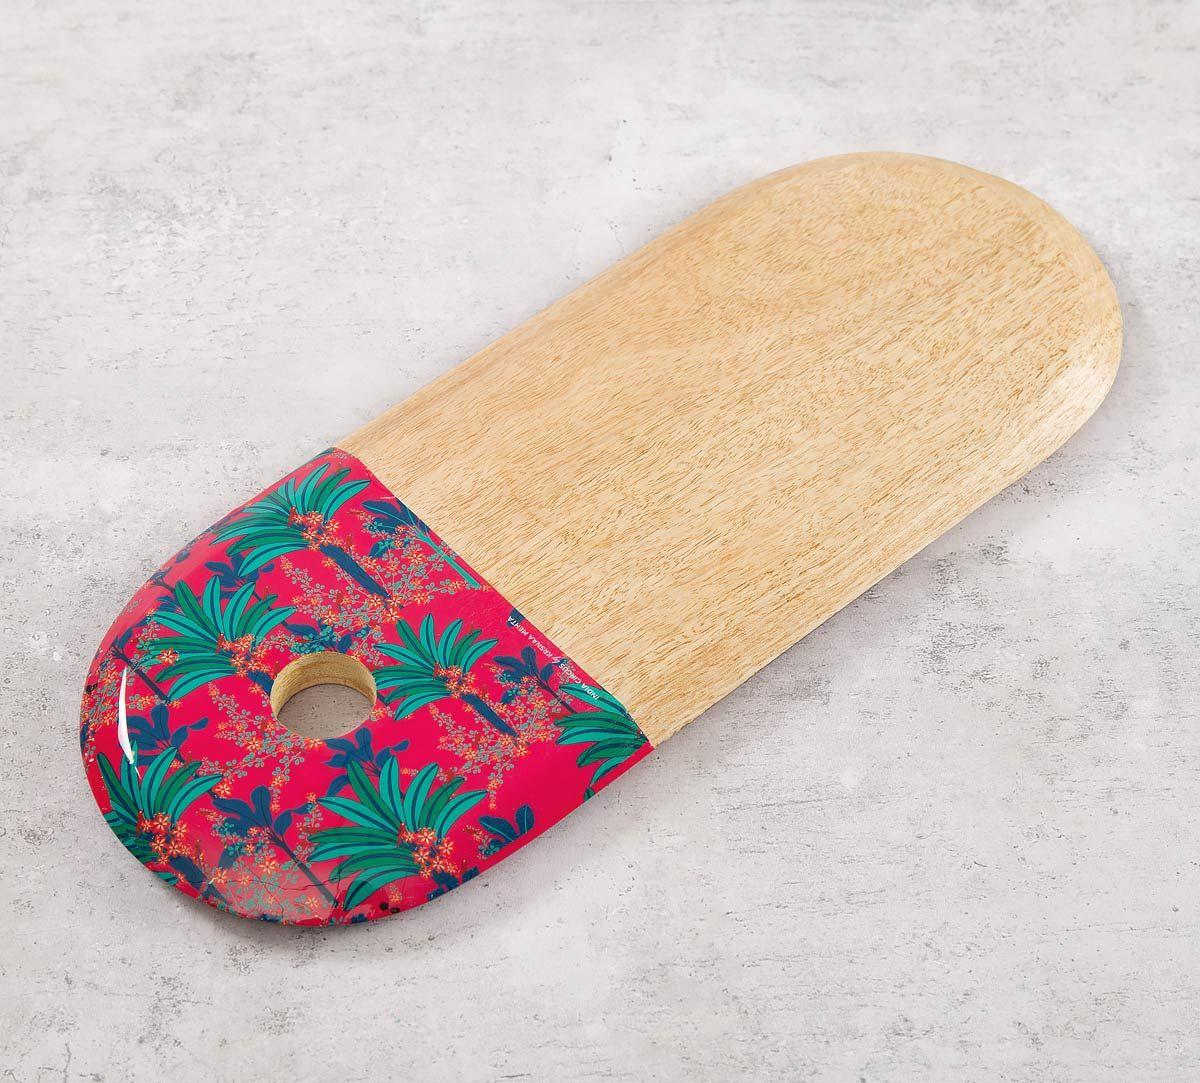 India Circus Royal Palms Cheese/Chopping Board